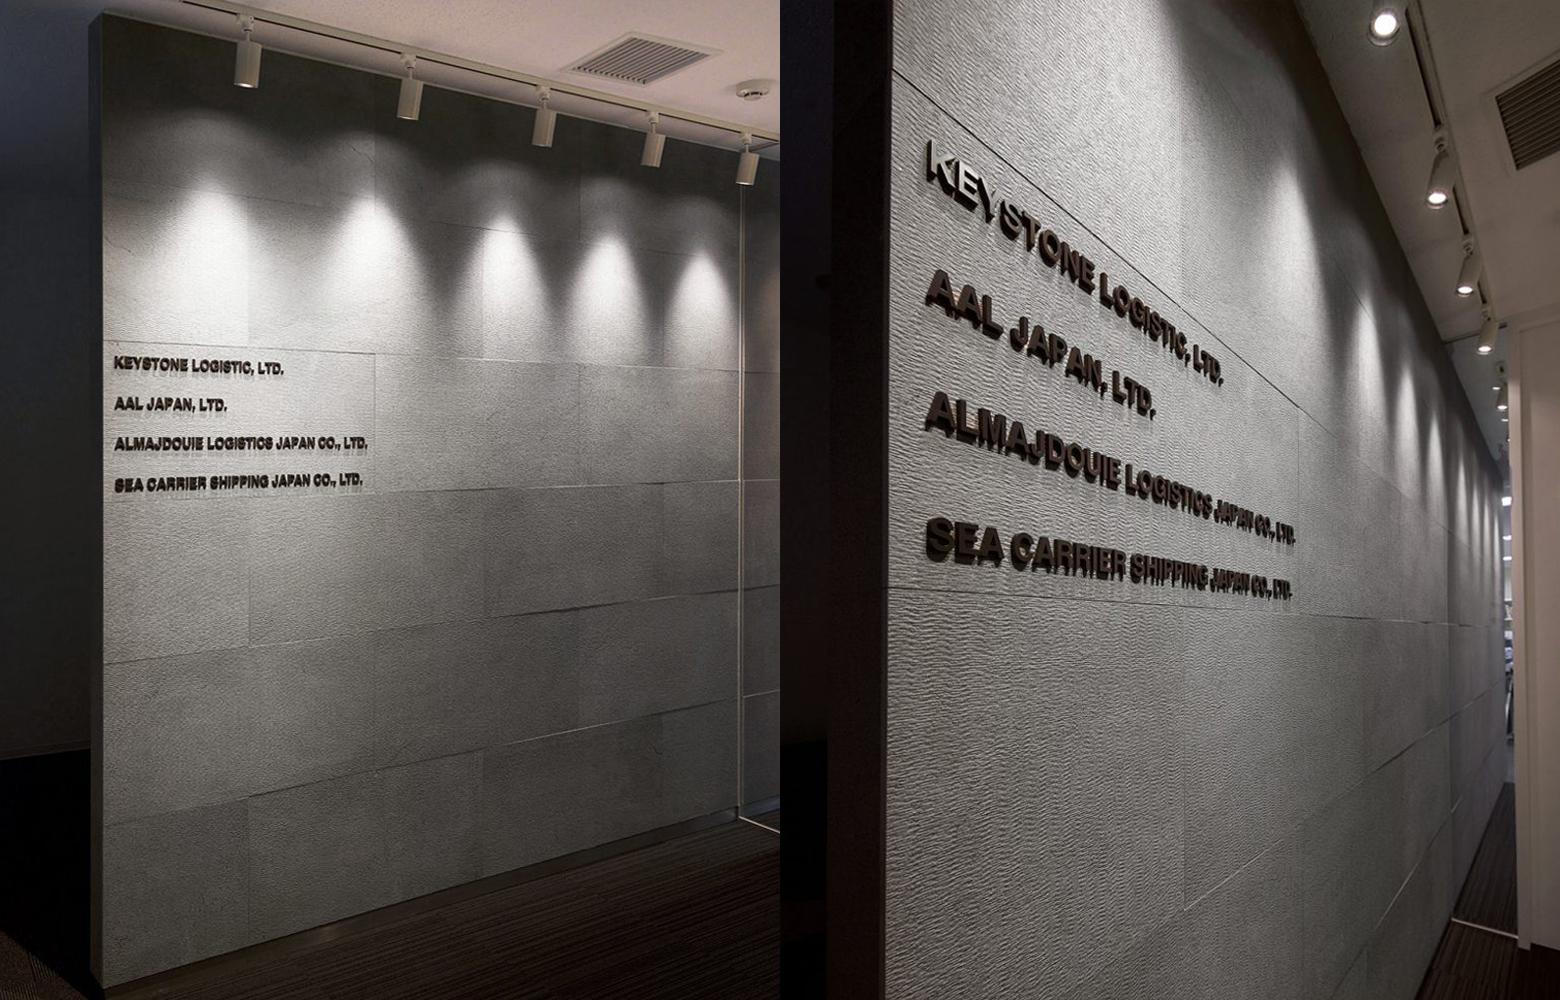 株式会社キーストン・ロジスティック Entrance_2 デザイン・レイアウト事例